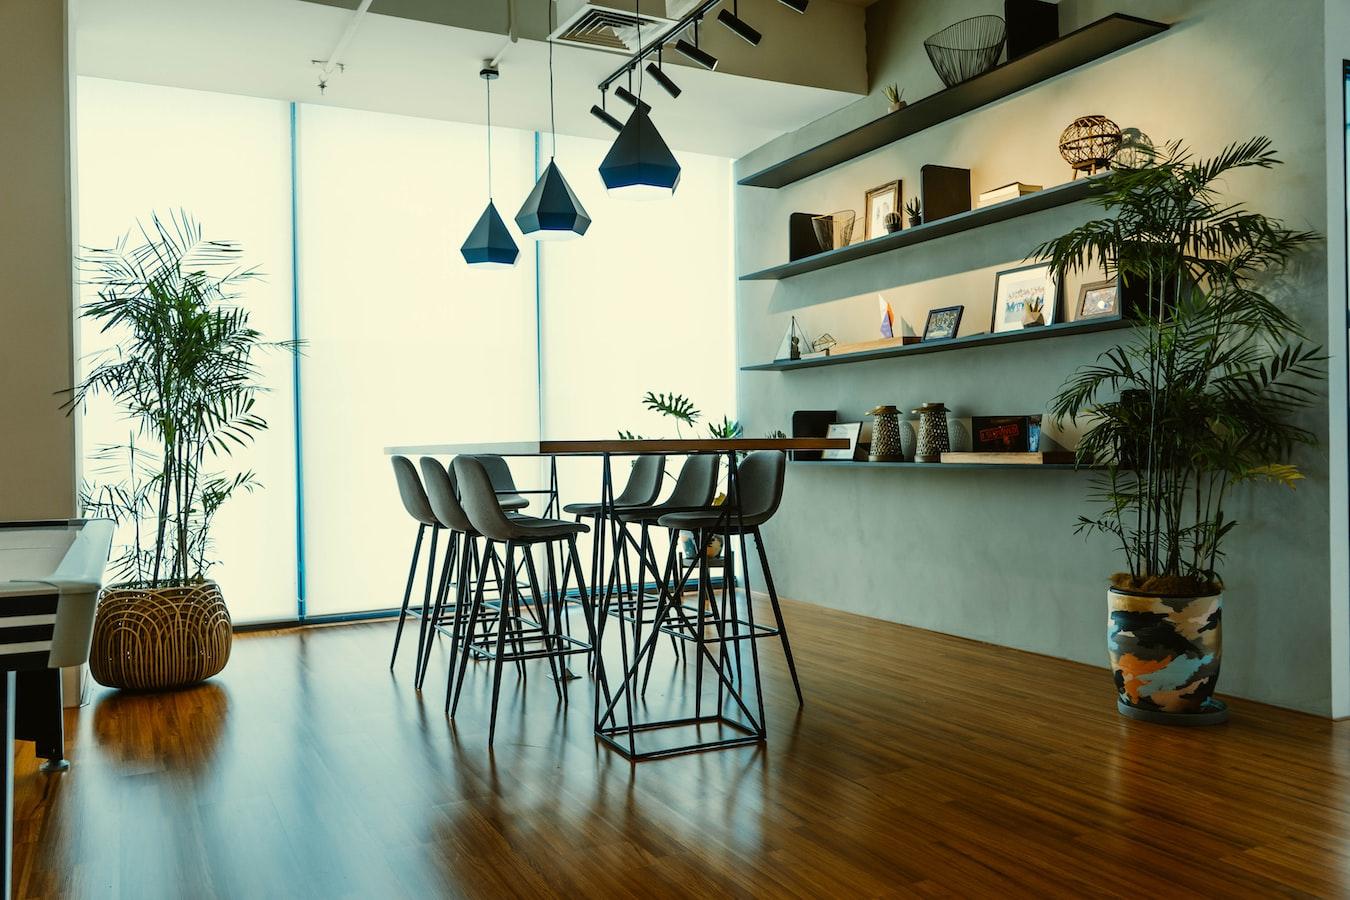 designový nábytek v interiéru moderního domu nebo bytu